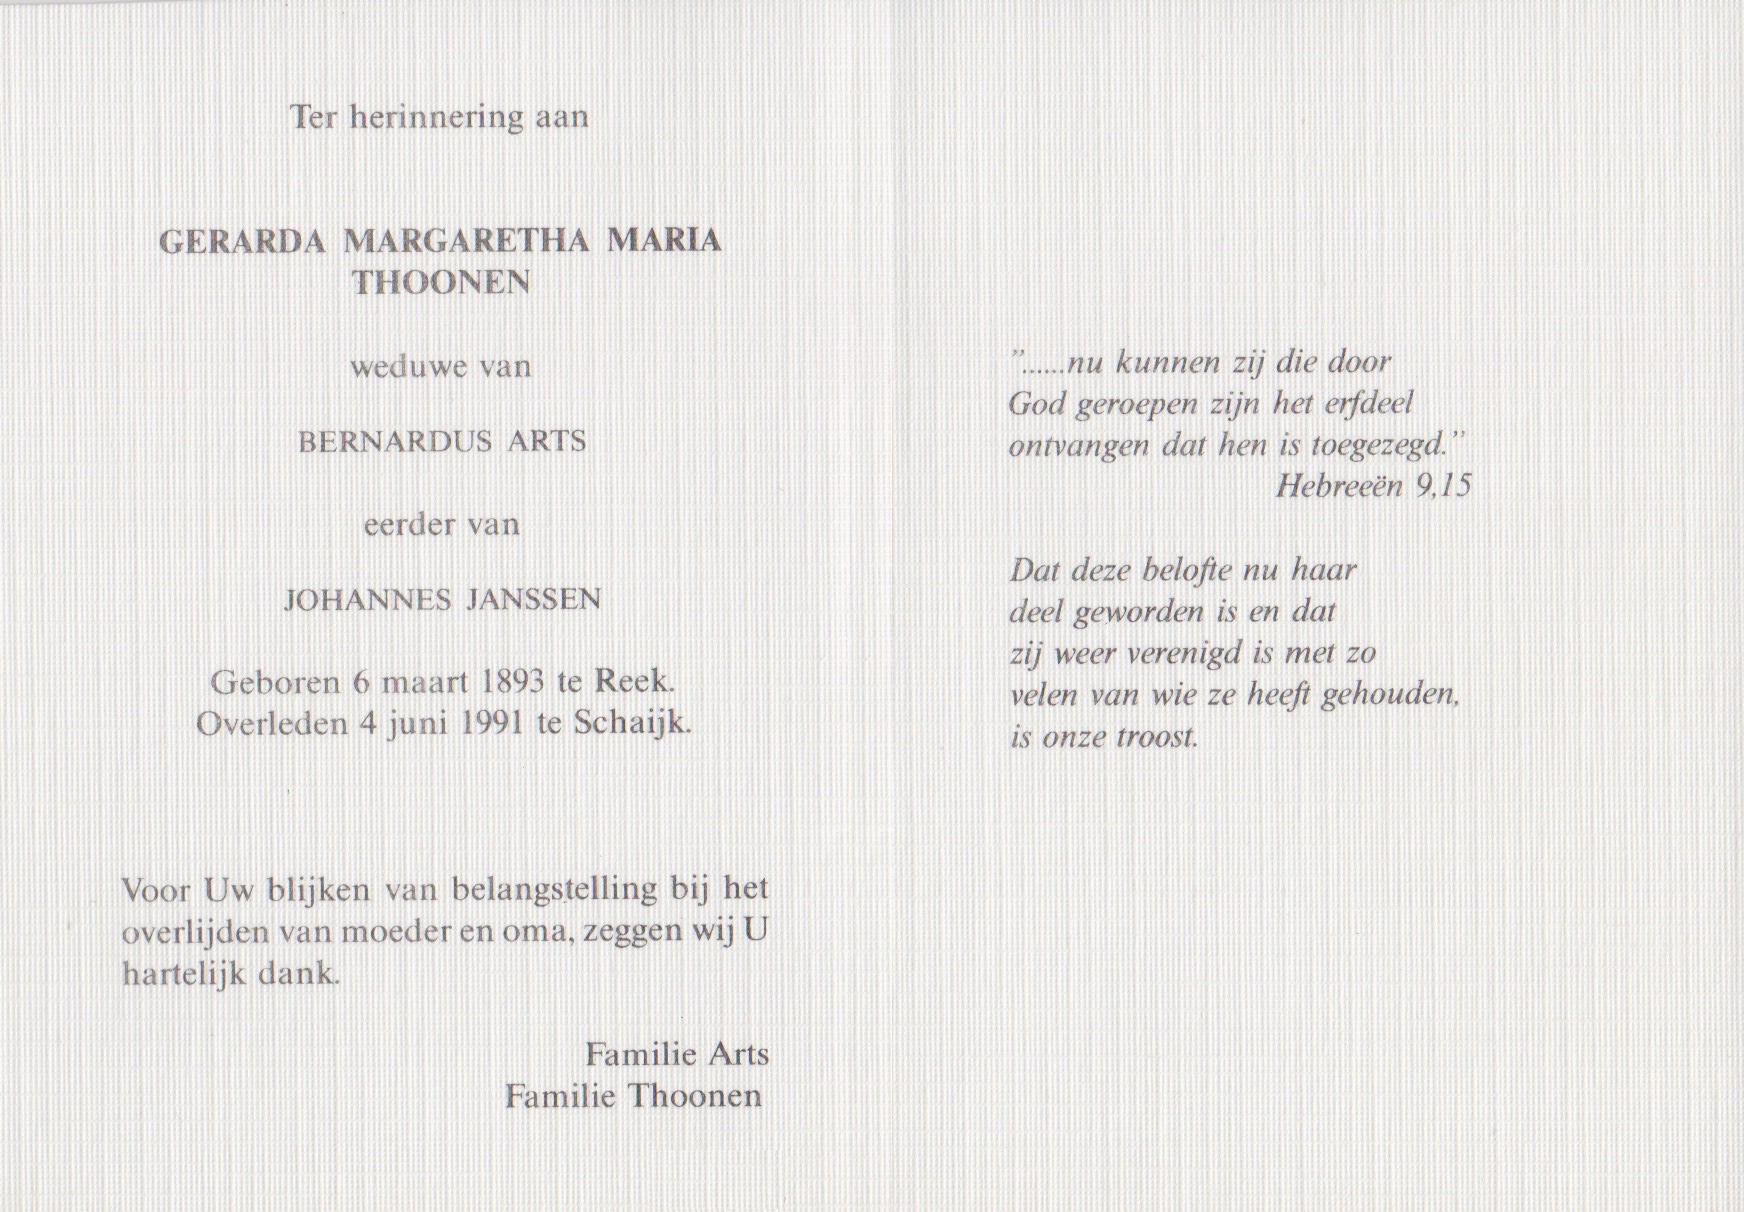 Bidprentje Gerarda Margaretha MariaThoonen